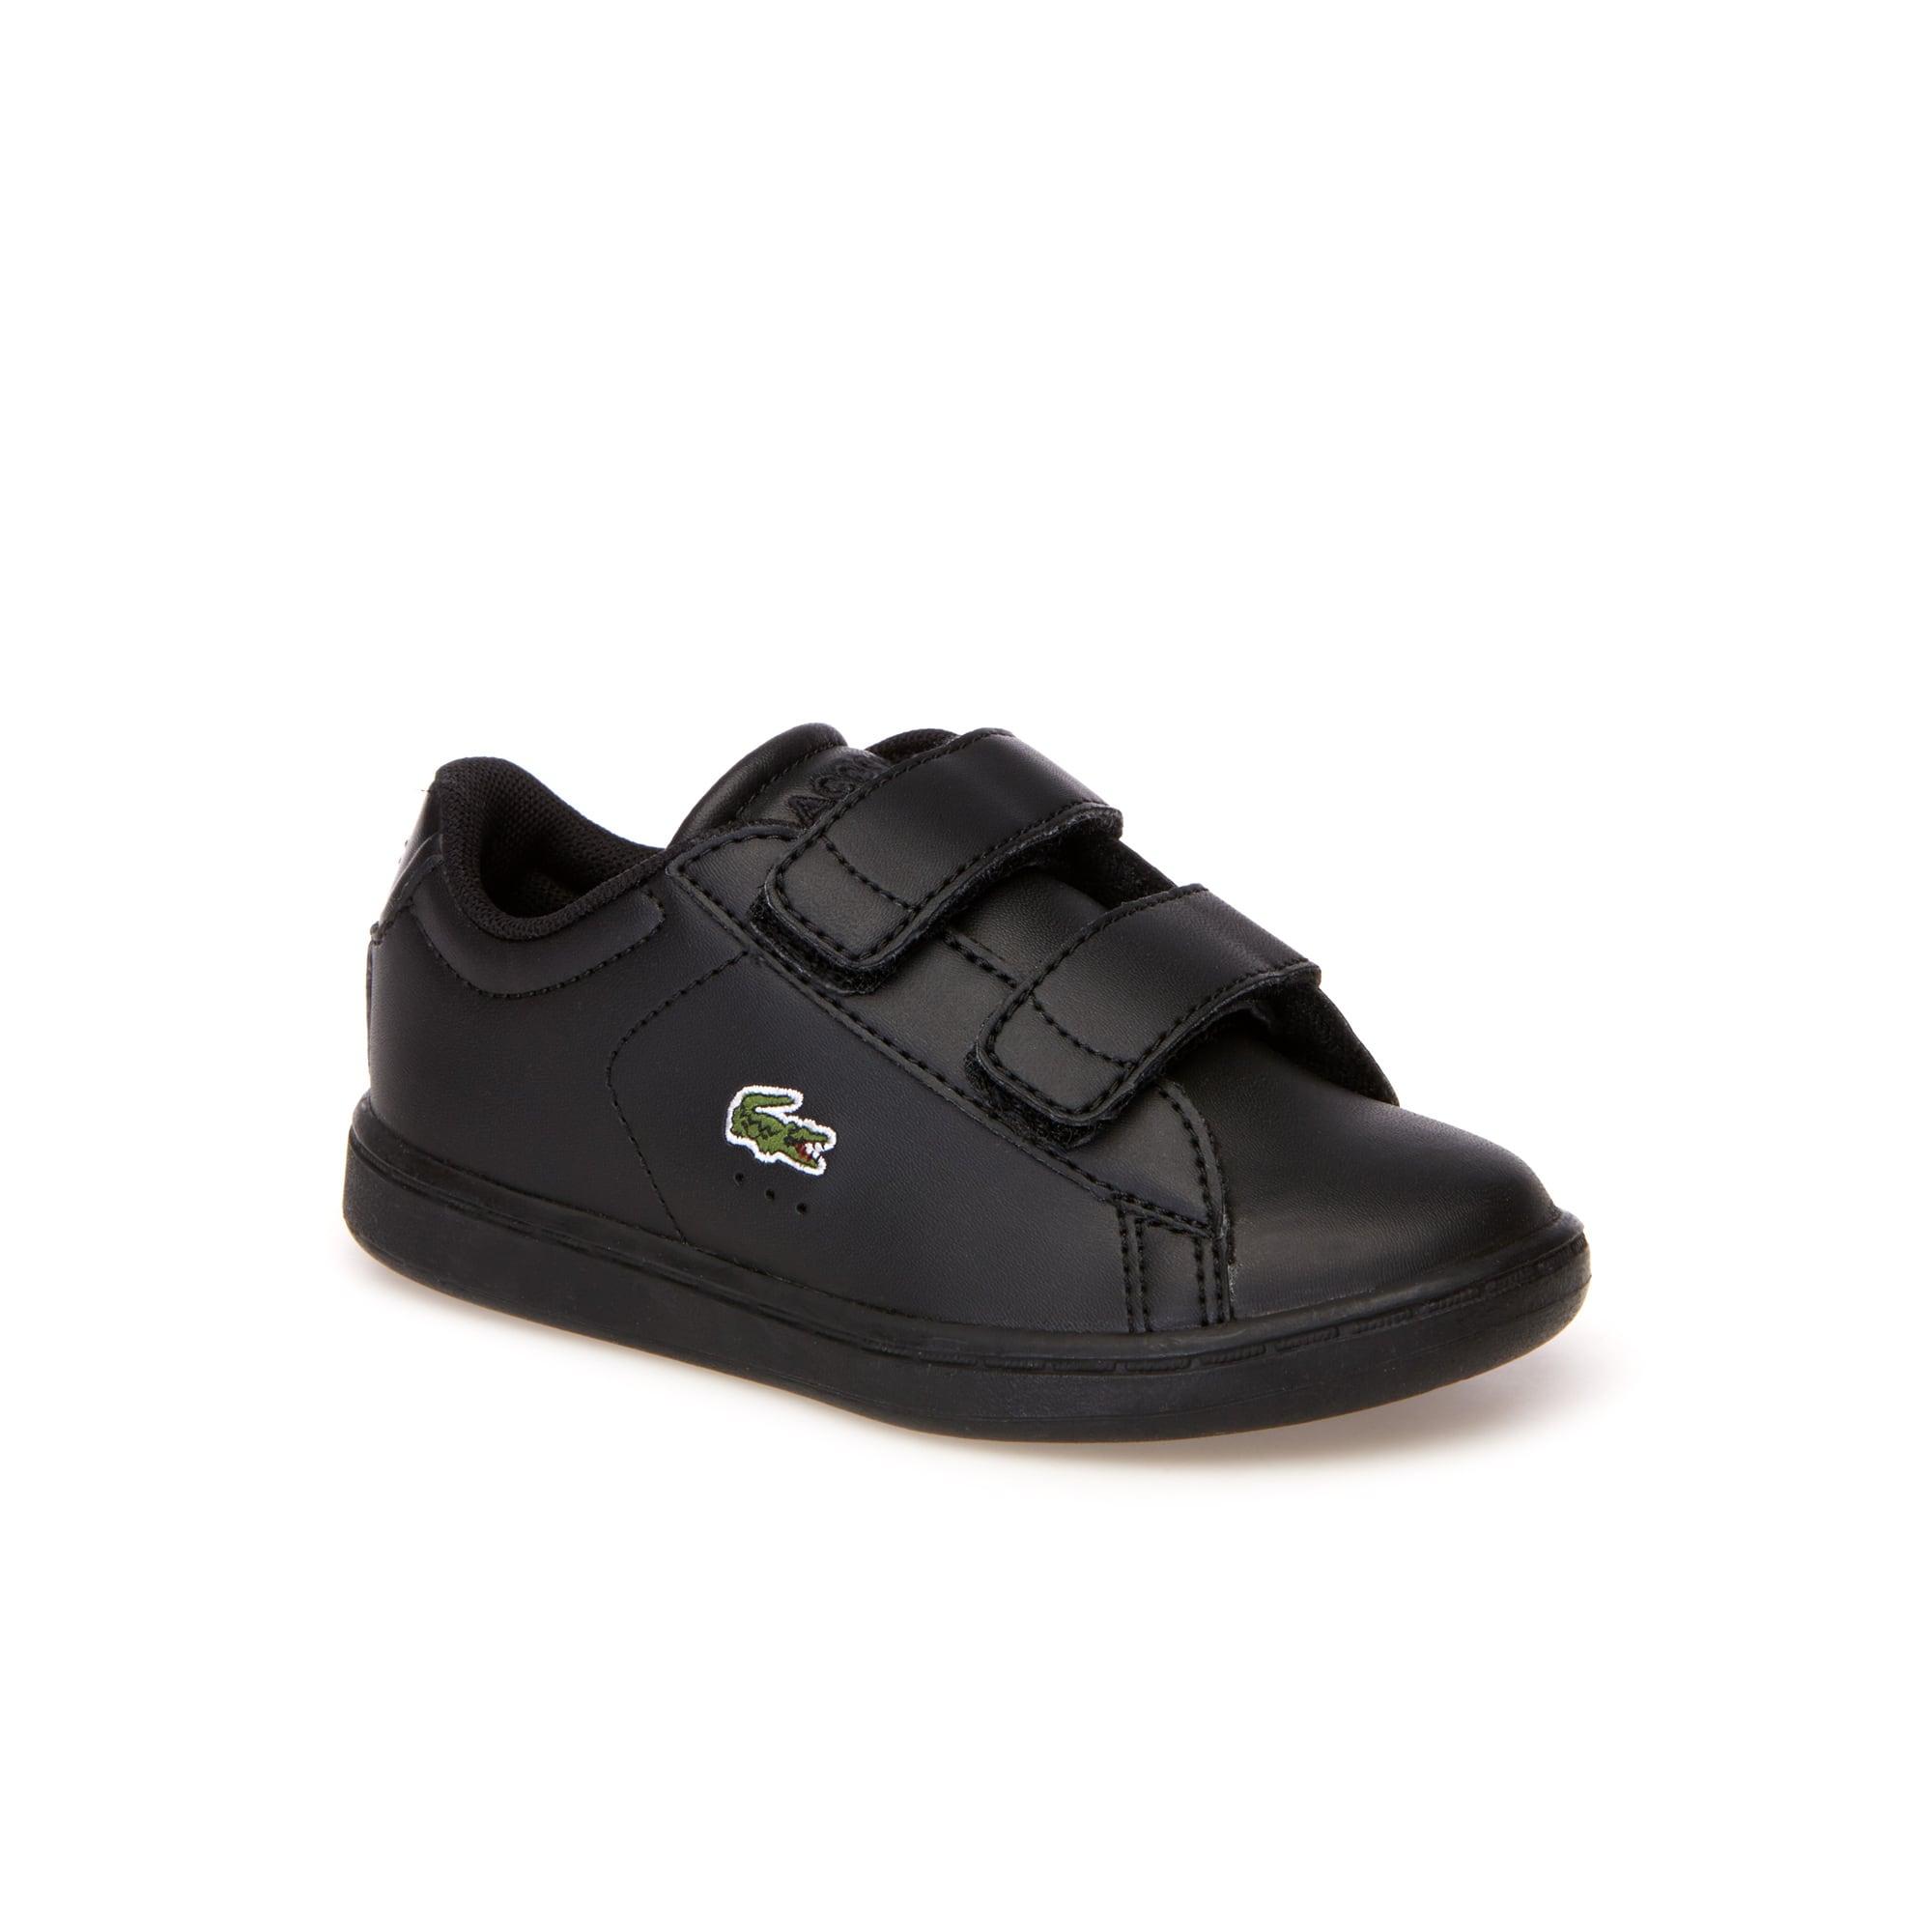 low cost 4c87b 9ede8 Enfant Garçon Lacoste Lacoste Chaussures Chaussures Garçon Lacoste Enfant  Enfant Garçon Chaussures Garçon Chaussures qgZrIg